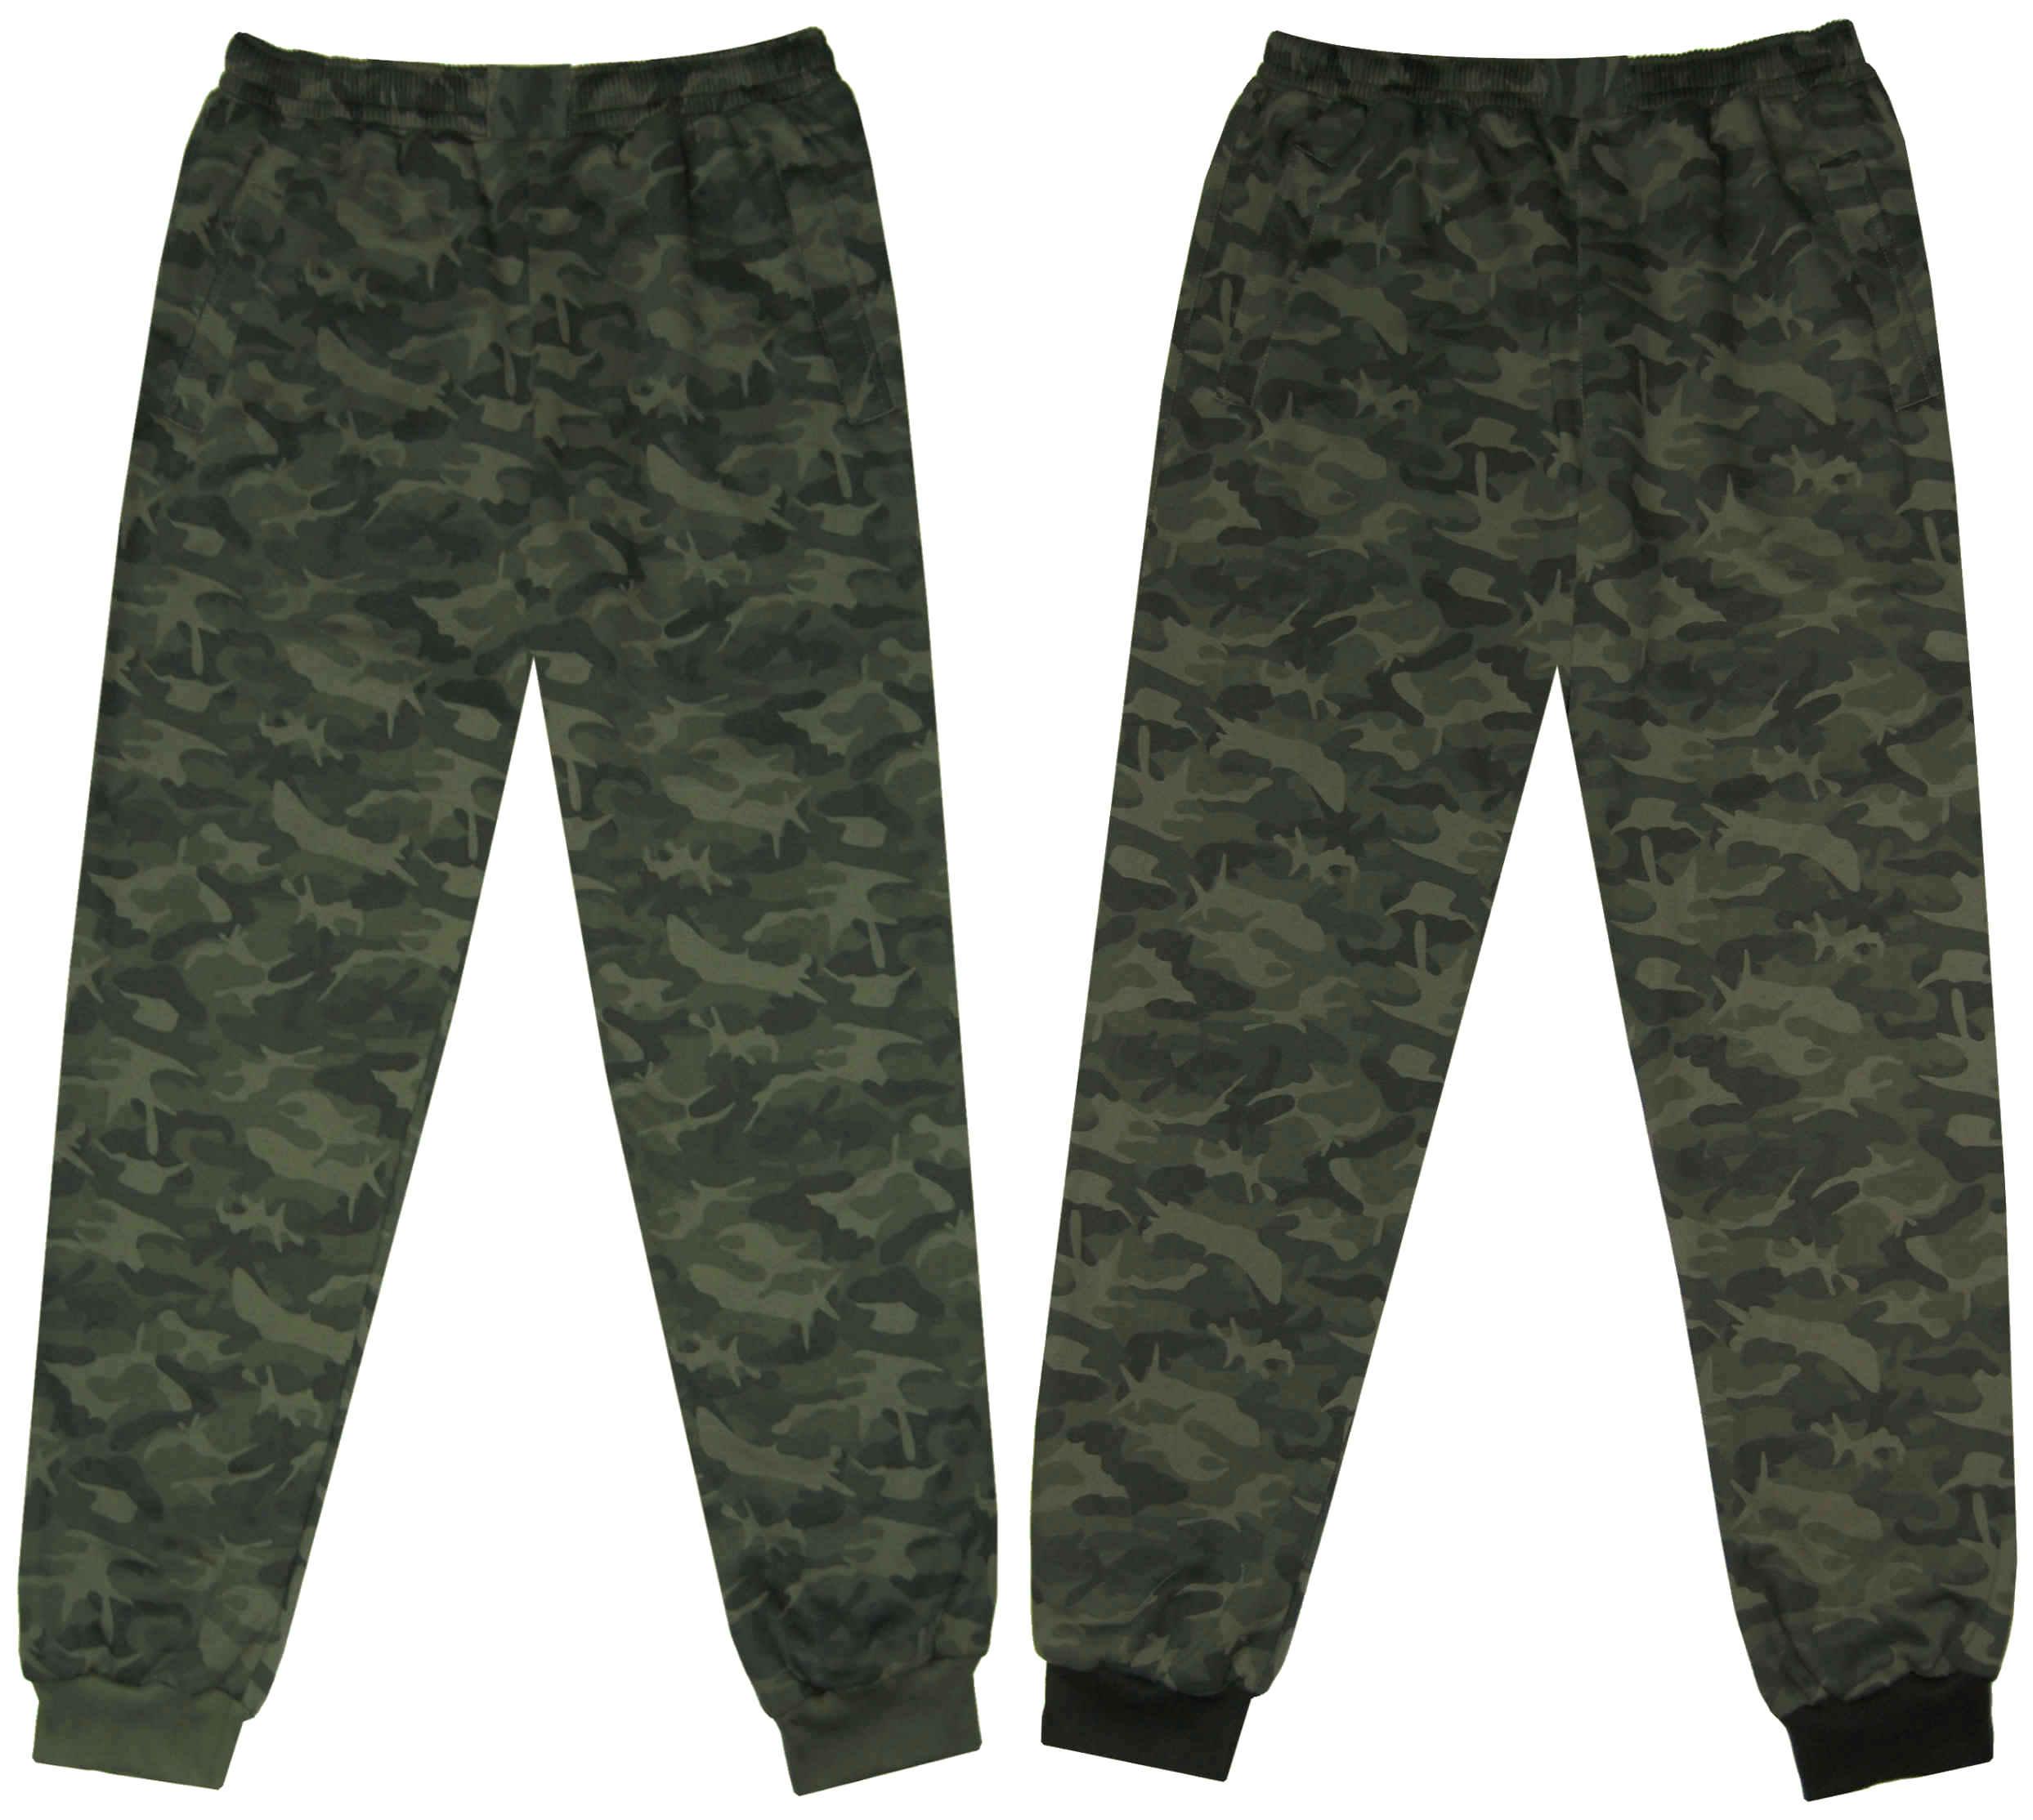 d3651fb6bb0123 spodnie dresowe moro dzianina 5XL 3XL 4XL 5XL 6XL 7XL 8XL odzież ...